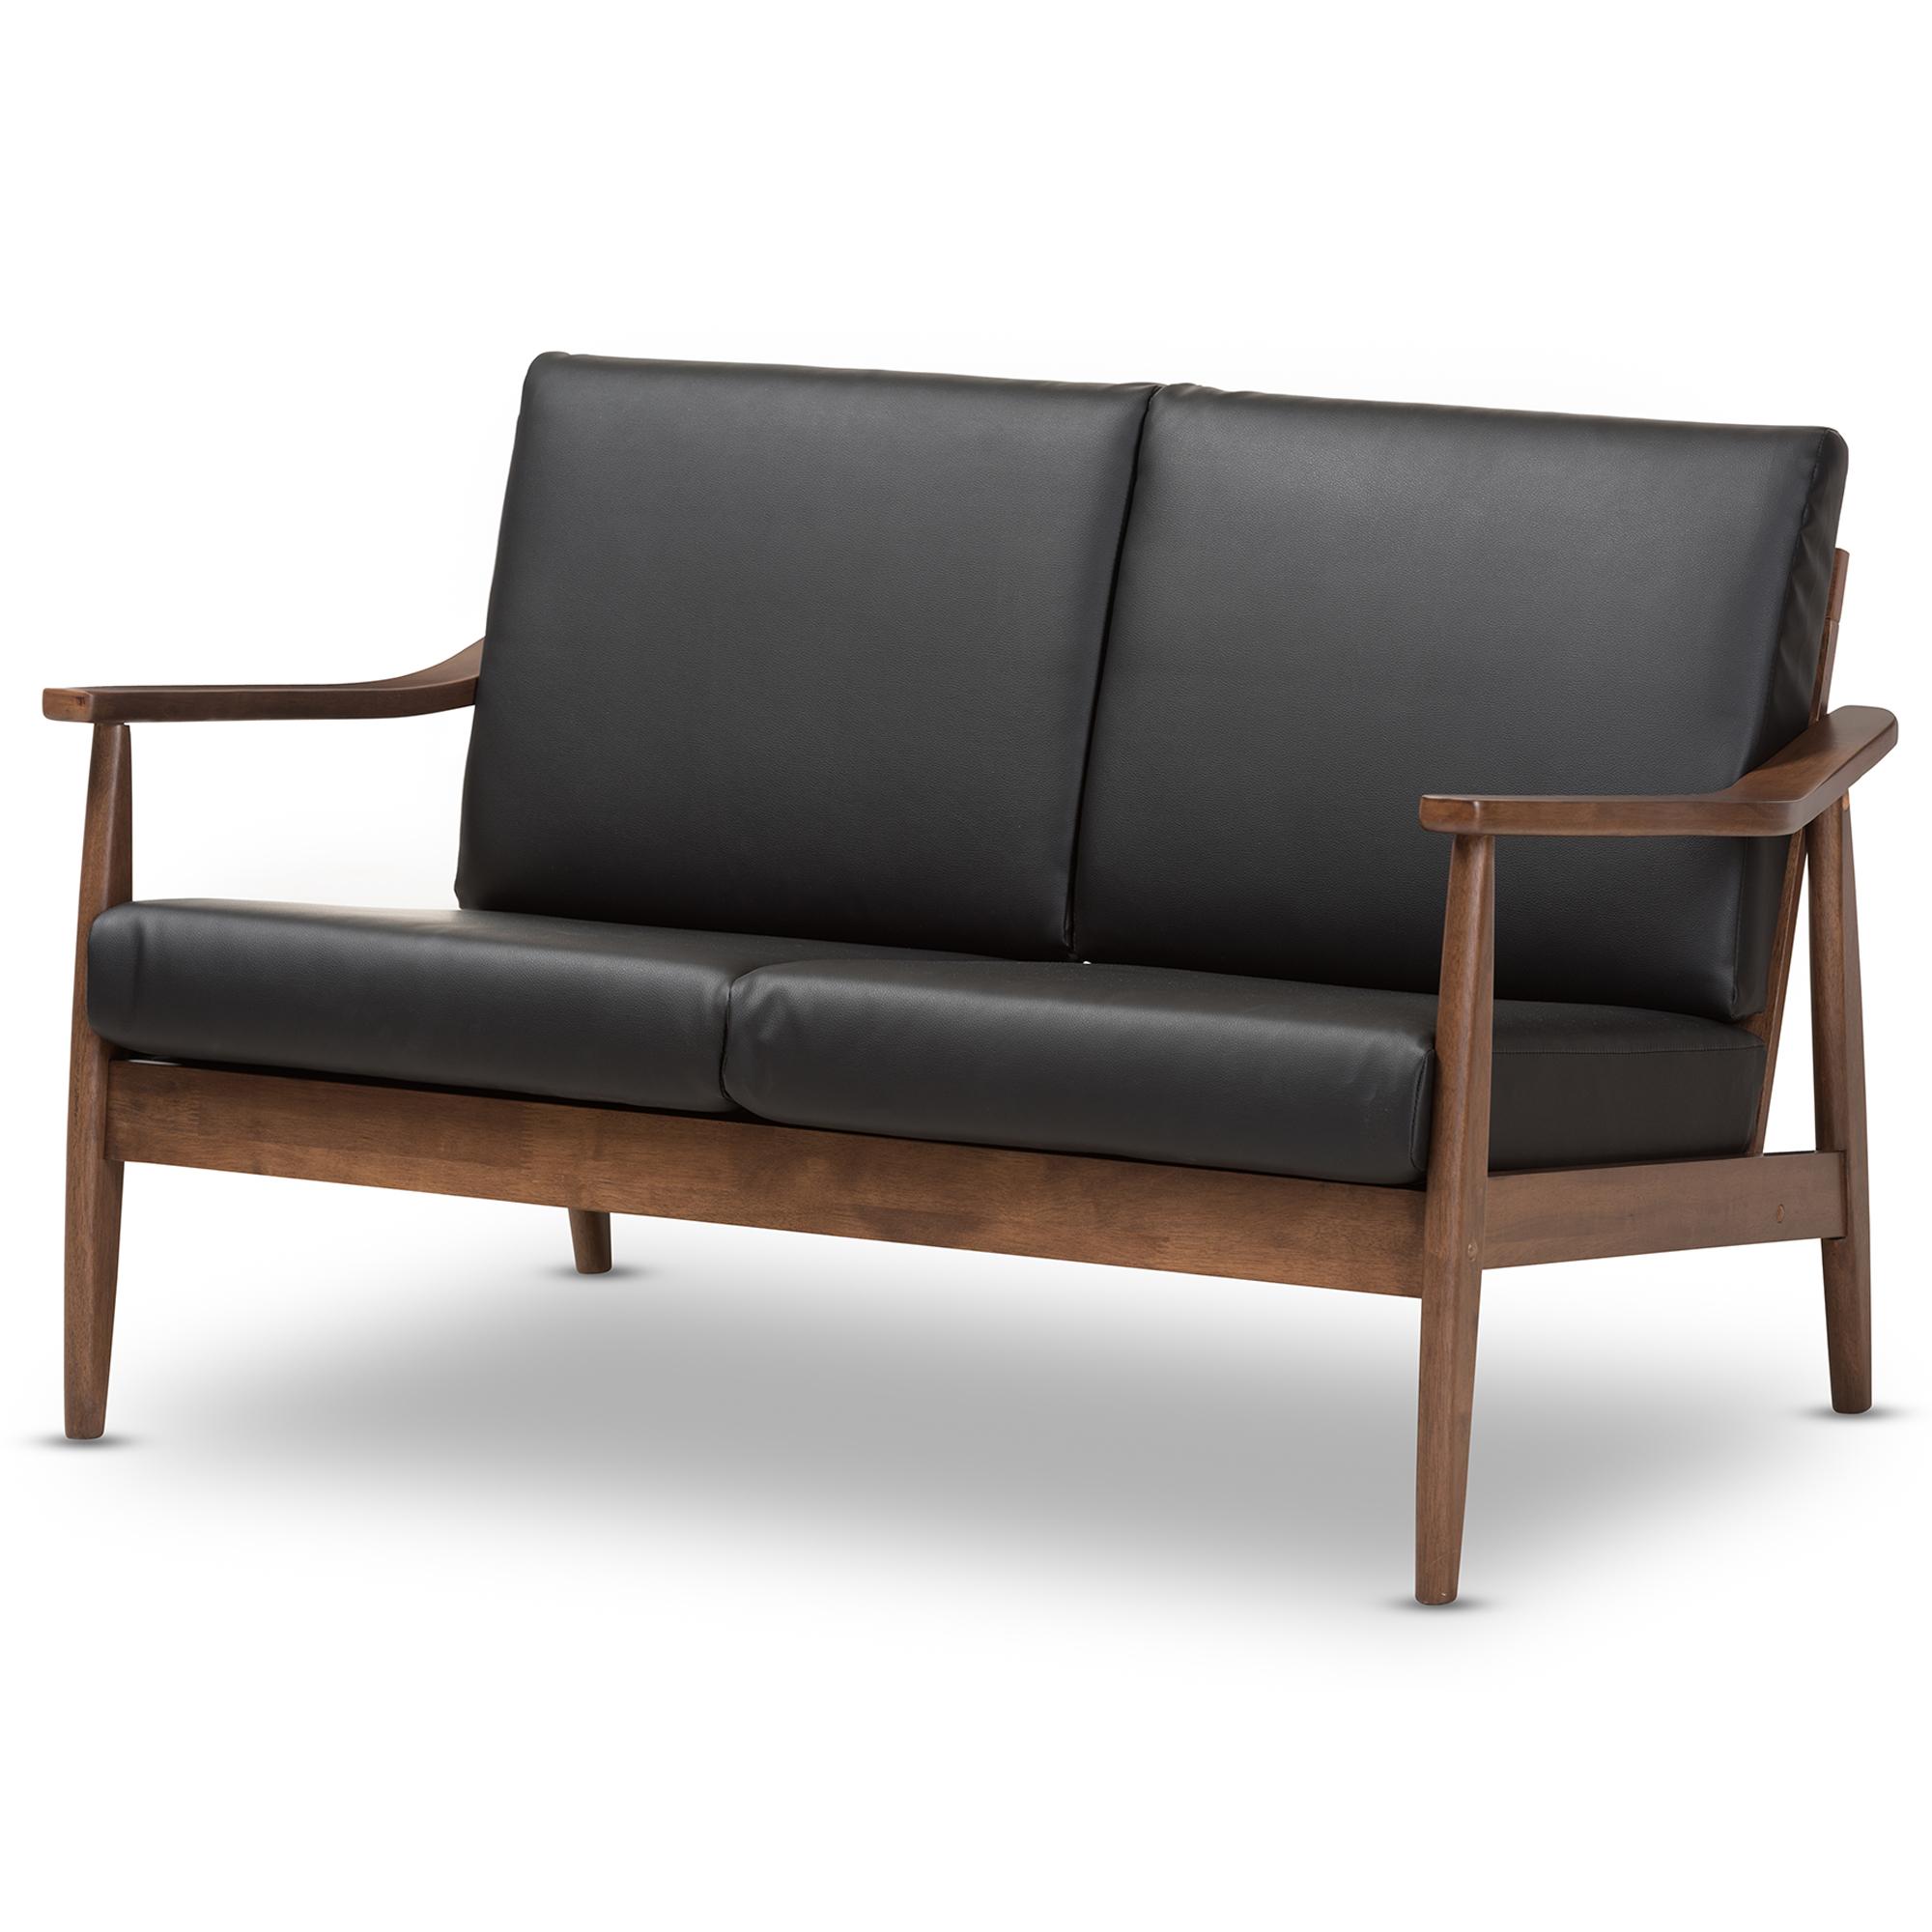 mid century modern loveseat. Baxton Studio Venza Mid-Century Modern Walnut Wood Black Faux Leather 2-Seater Loveseat Mid Century E